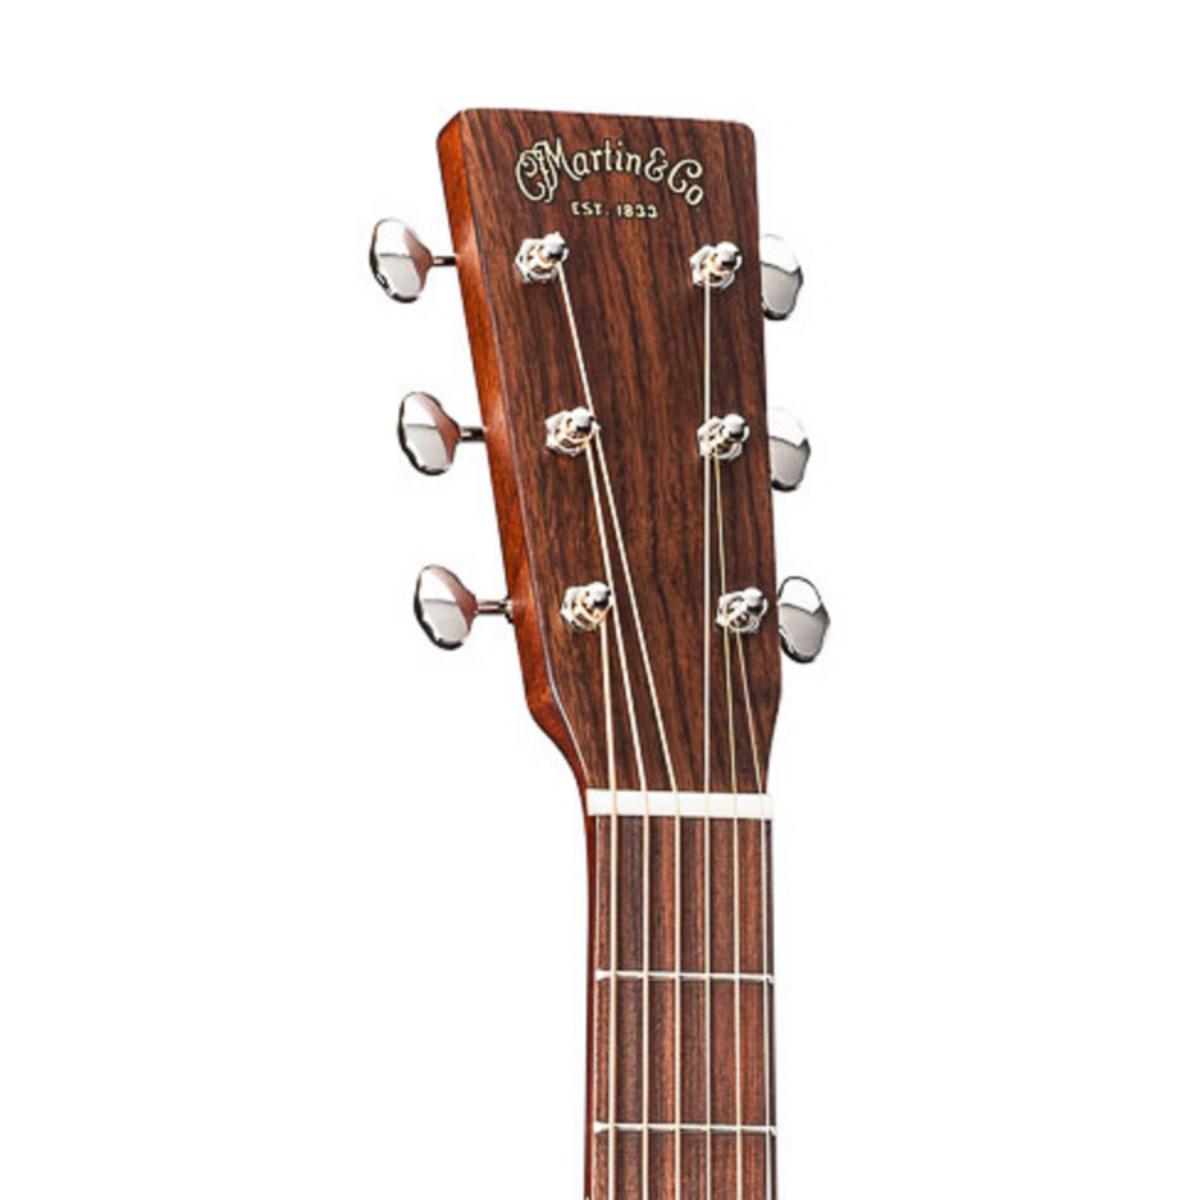 martin d 15m acoustic guitar mahogany burst top at. Black Bedroom Furniture Sets. Home Design Ideas